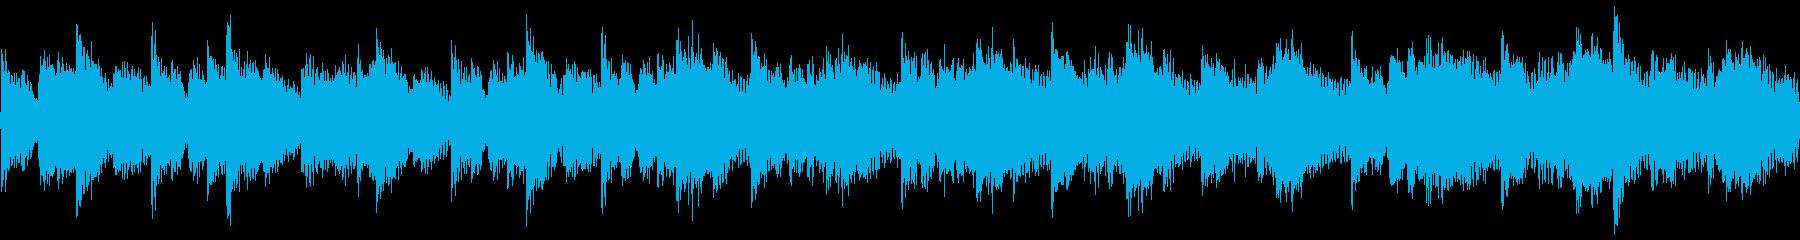 ミステリアス ループの再生済みの波形